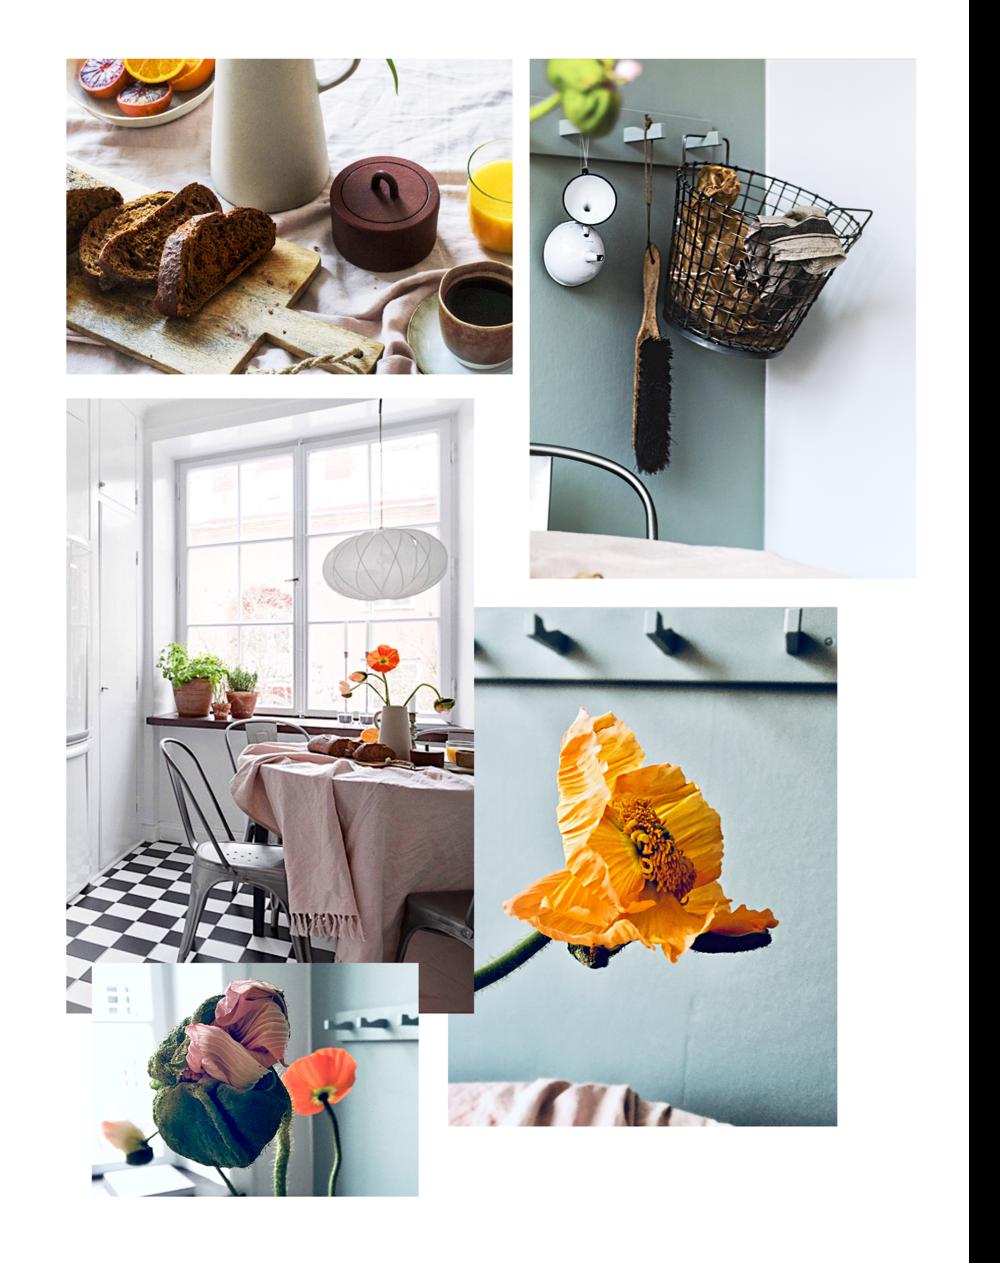 Bilderna kommer mest från mobilen men också från    Bostadsrättspecialisten    &    Studio Holm.     Stolarna =  Tolix , vintage Pia-lampa av Tore Ahlsén för Gärsnäs, linneduk från  Edblad , liten burk i gjutjärn från  Ferm Living ,  kanna i stengods  från HM Home,  knopplist från Ikea .